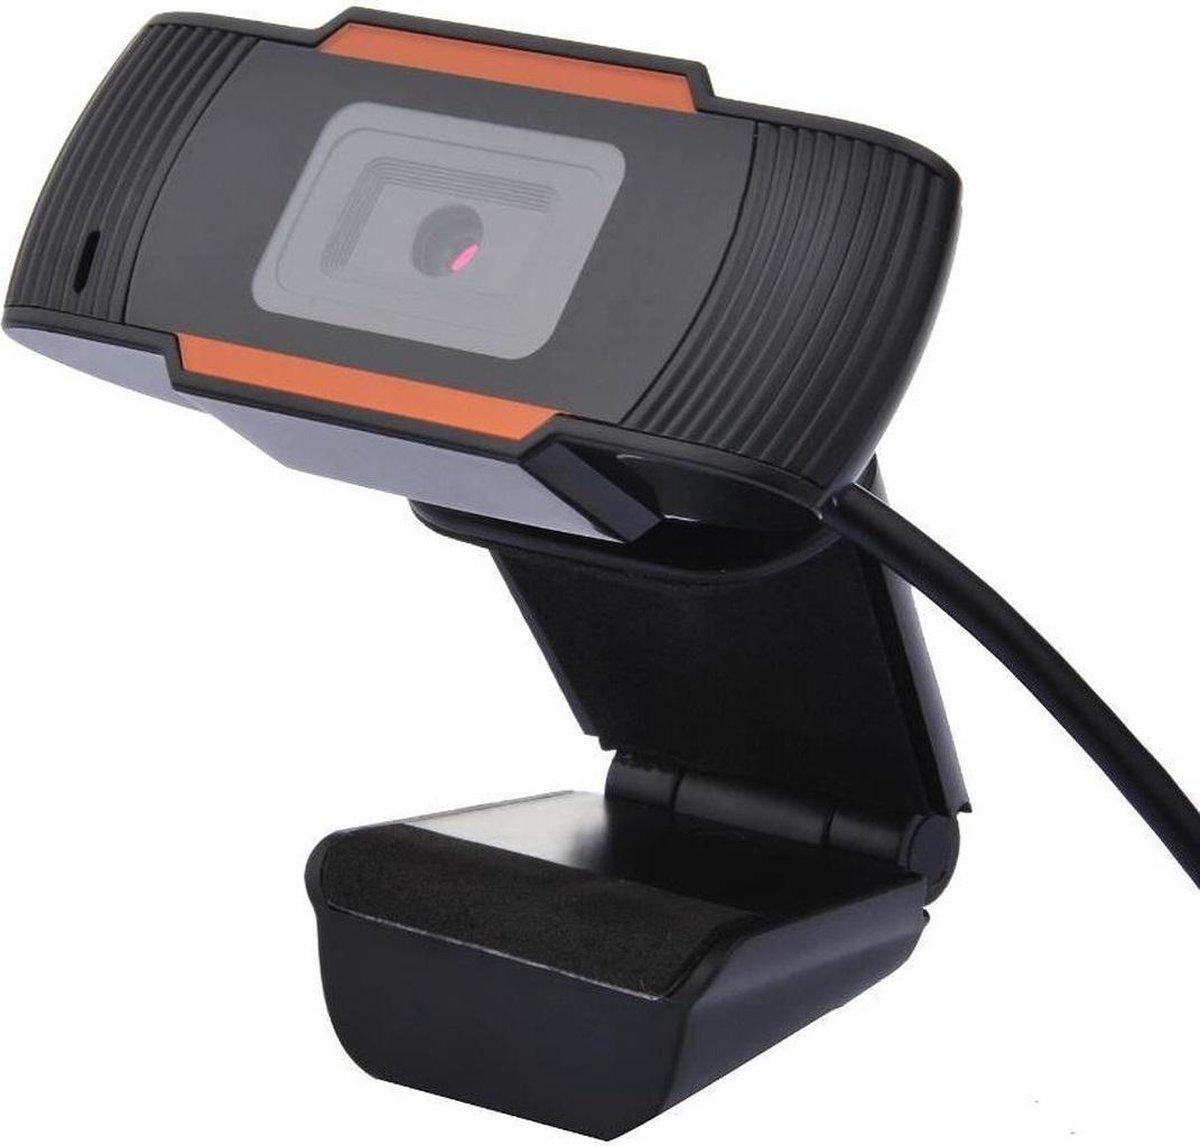 Webcam HD 720p - Op computer -